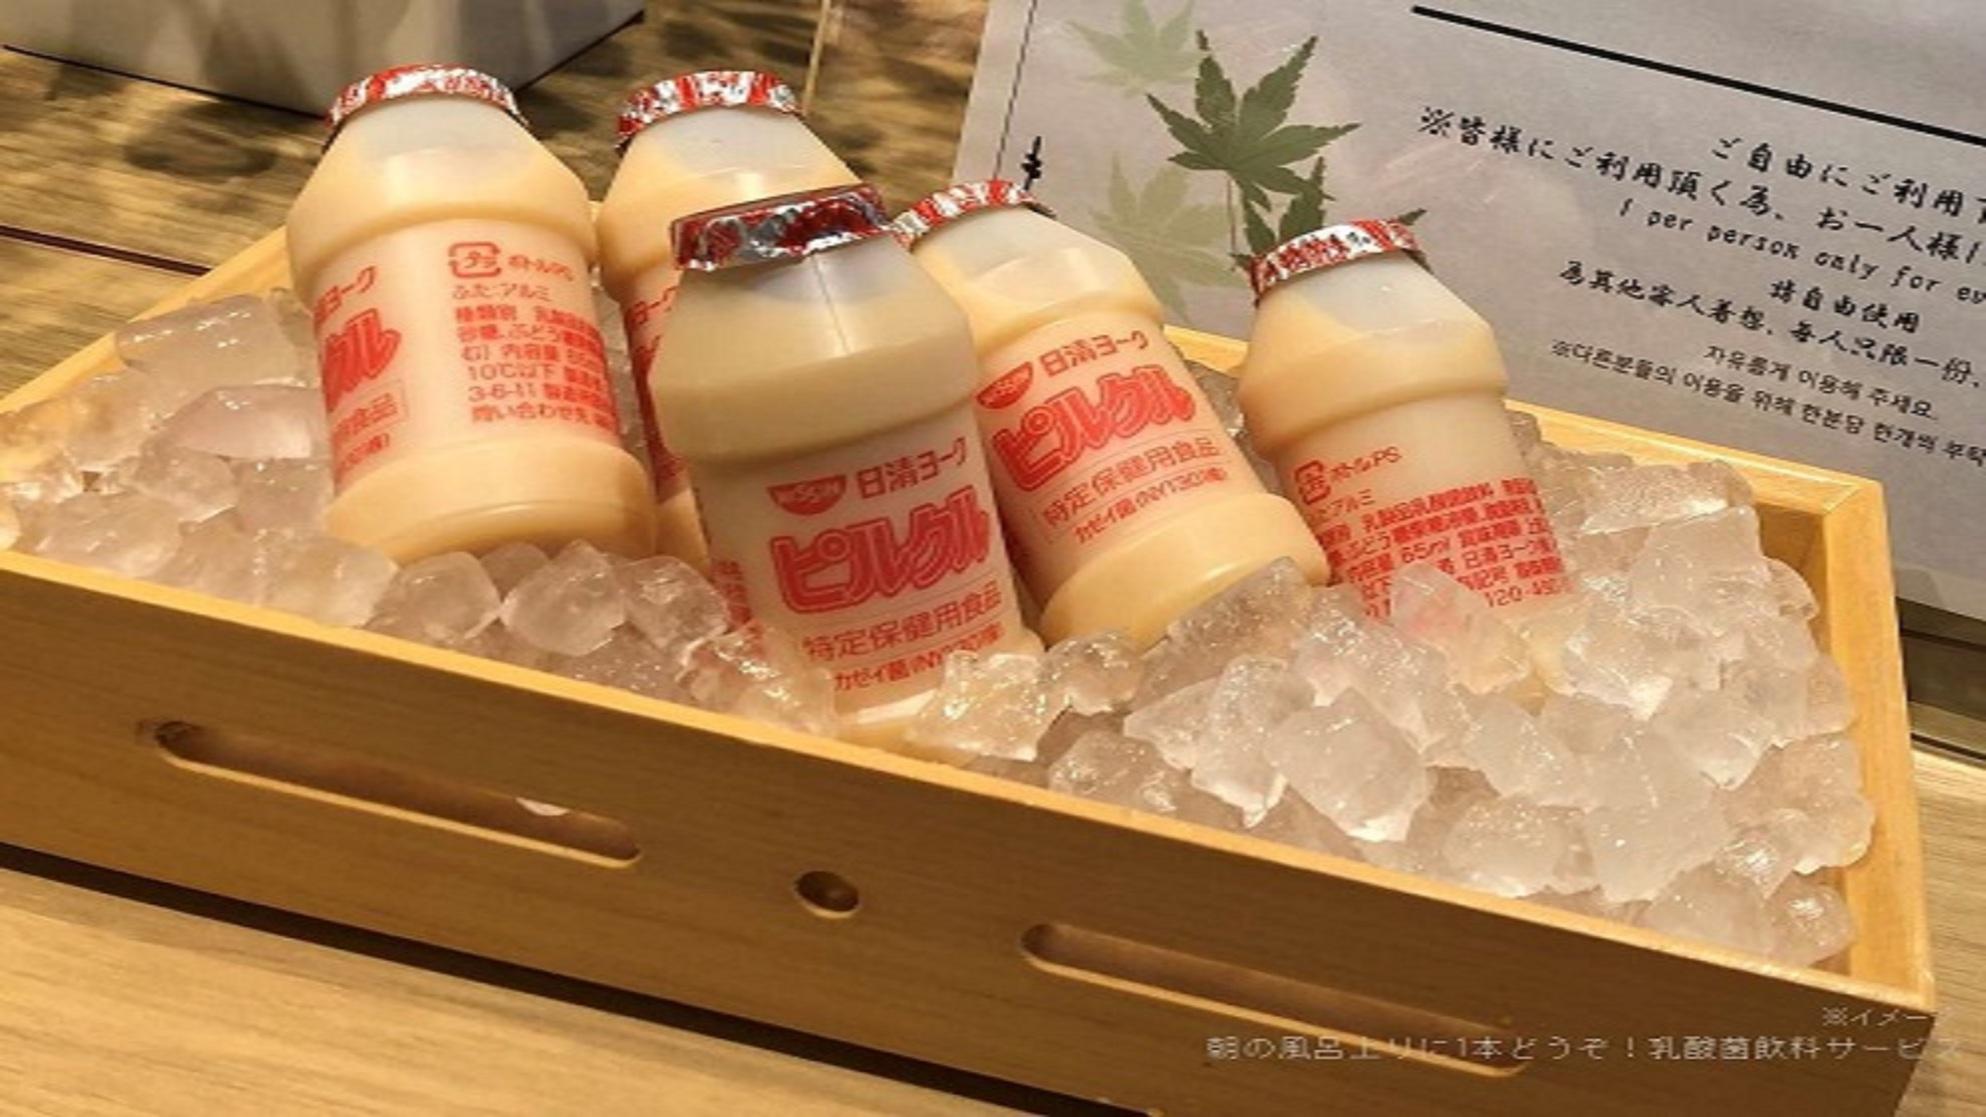 ■【乳酸菌飲料サービス】朝のお風呂上りにどうぞ!<5:00〜9:00>